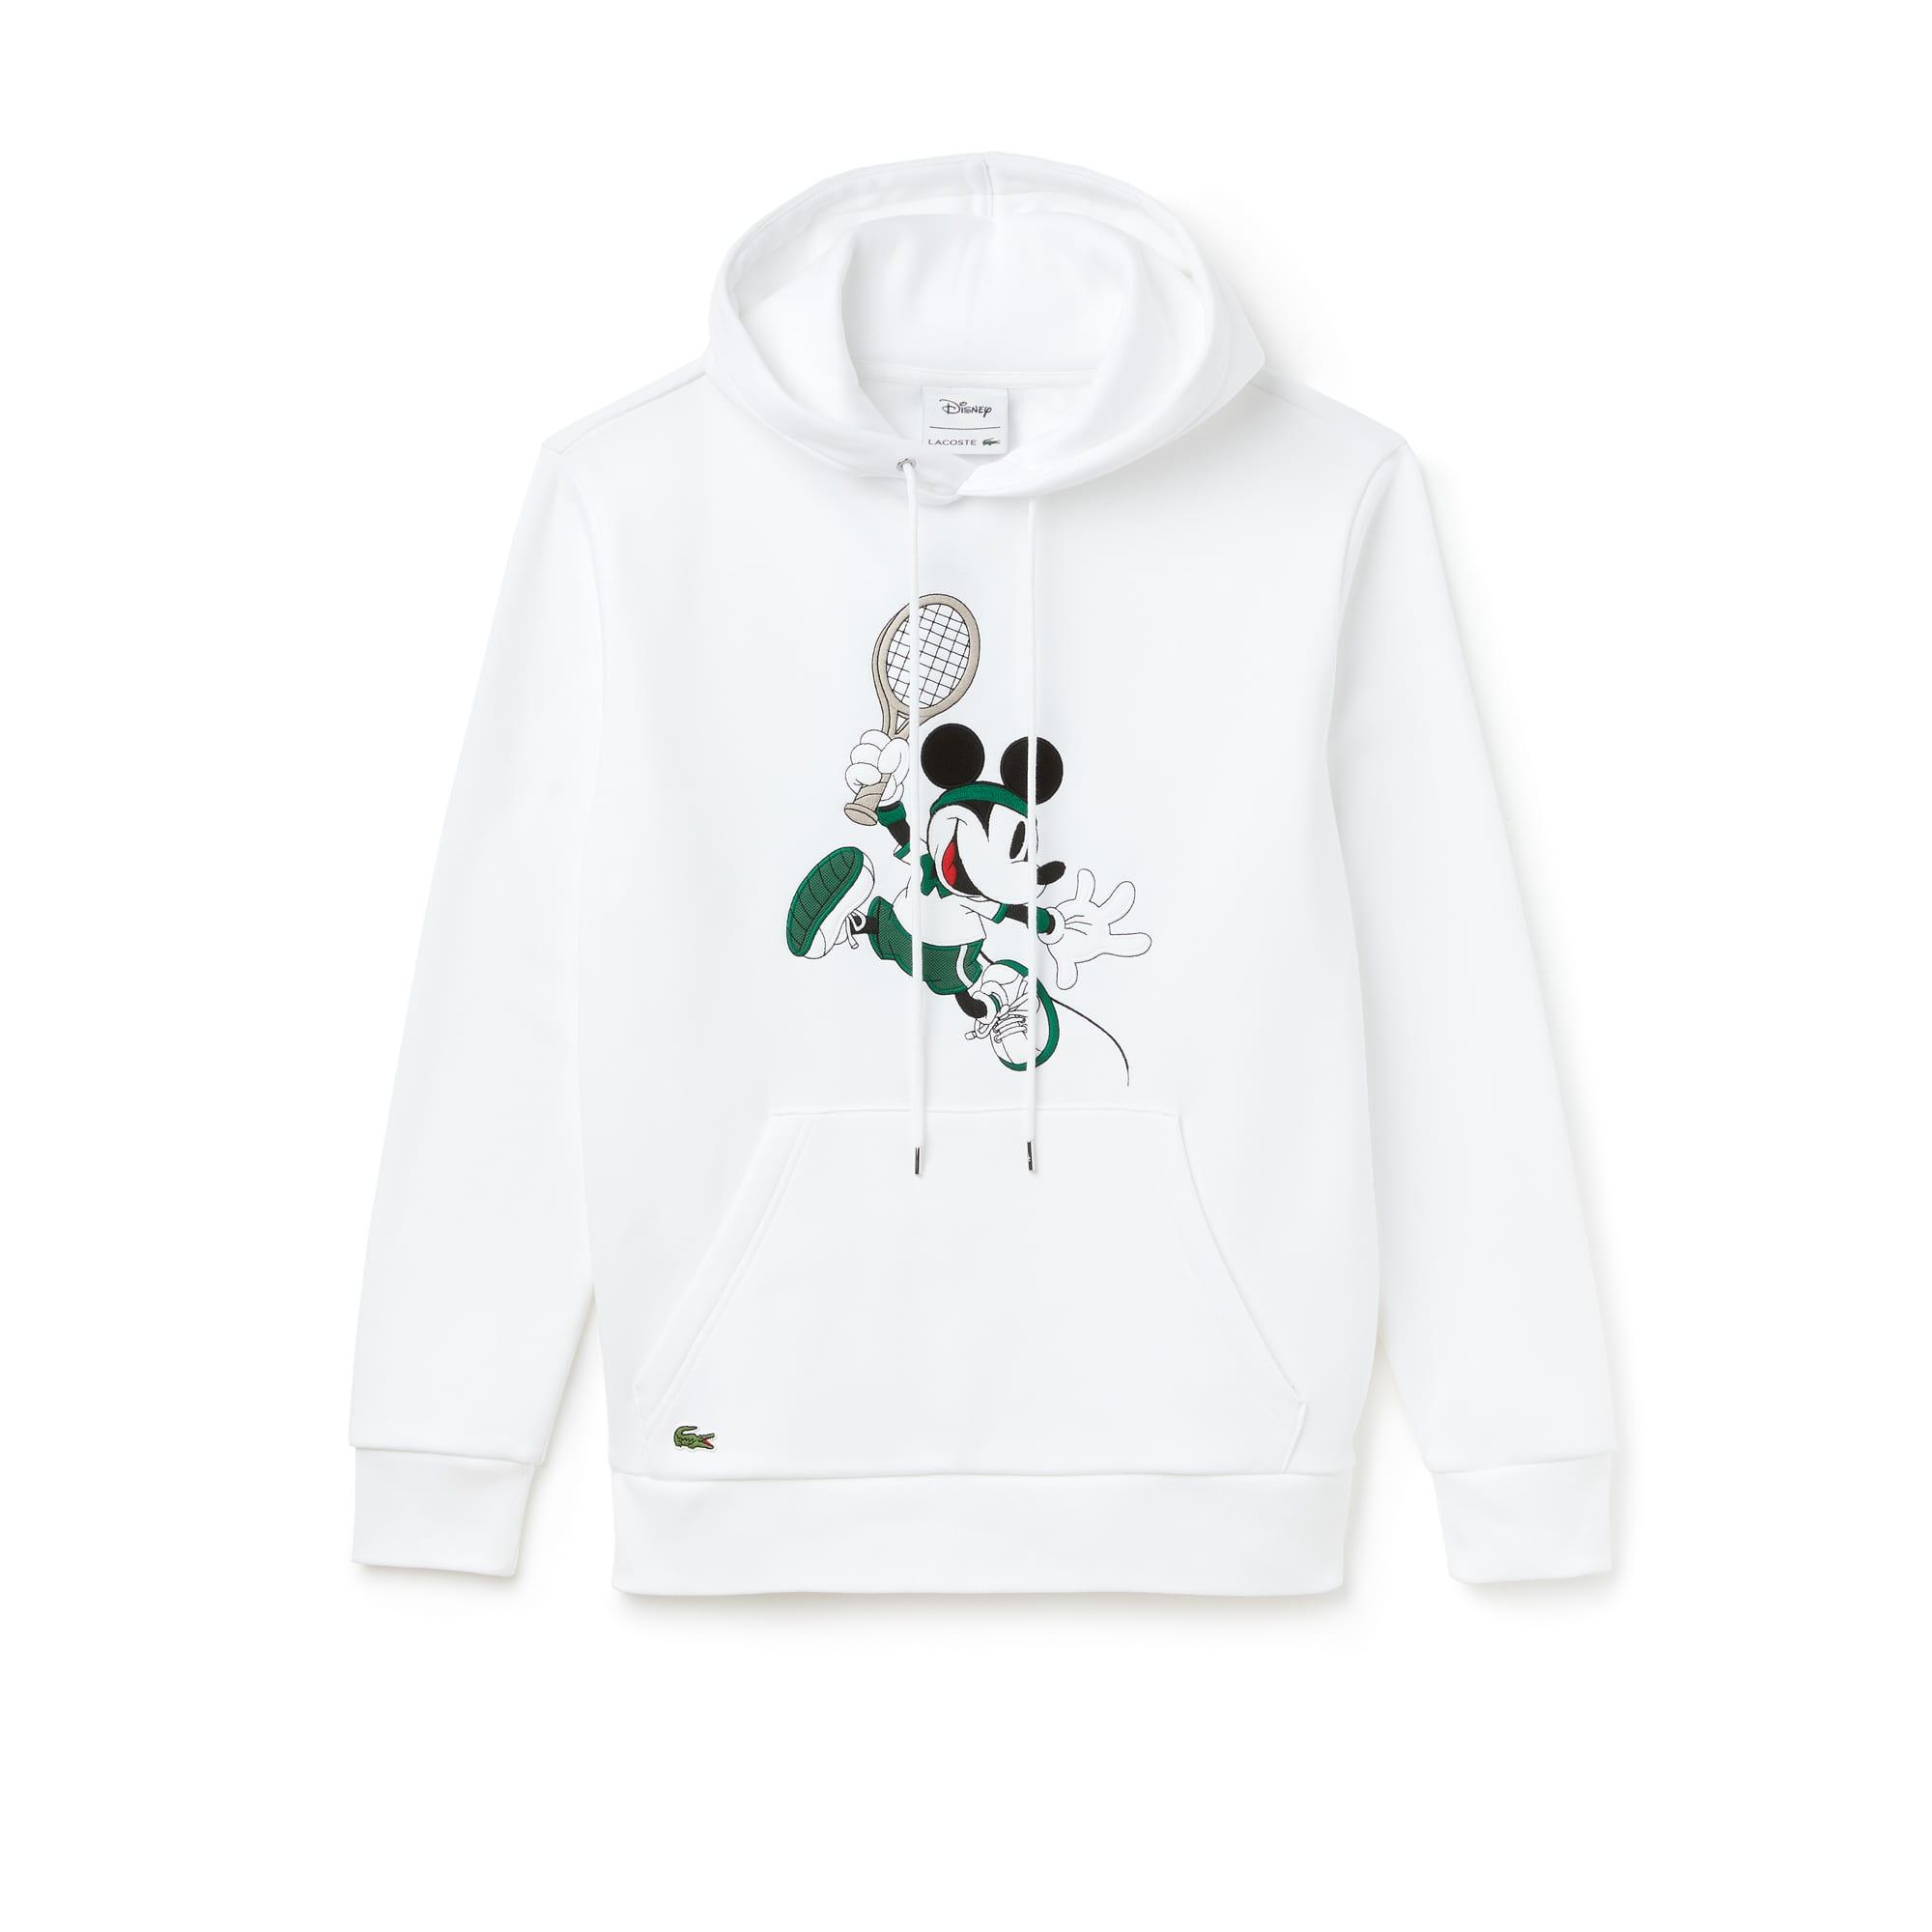 라코스테 X 디즈니 콜라보 유니섹스 미키마우스 자수 후드티 화이트 Lacoste Unisex Disney Mickey Embroidery Hooded Fleece Sweatshirt, white